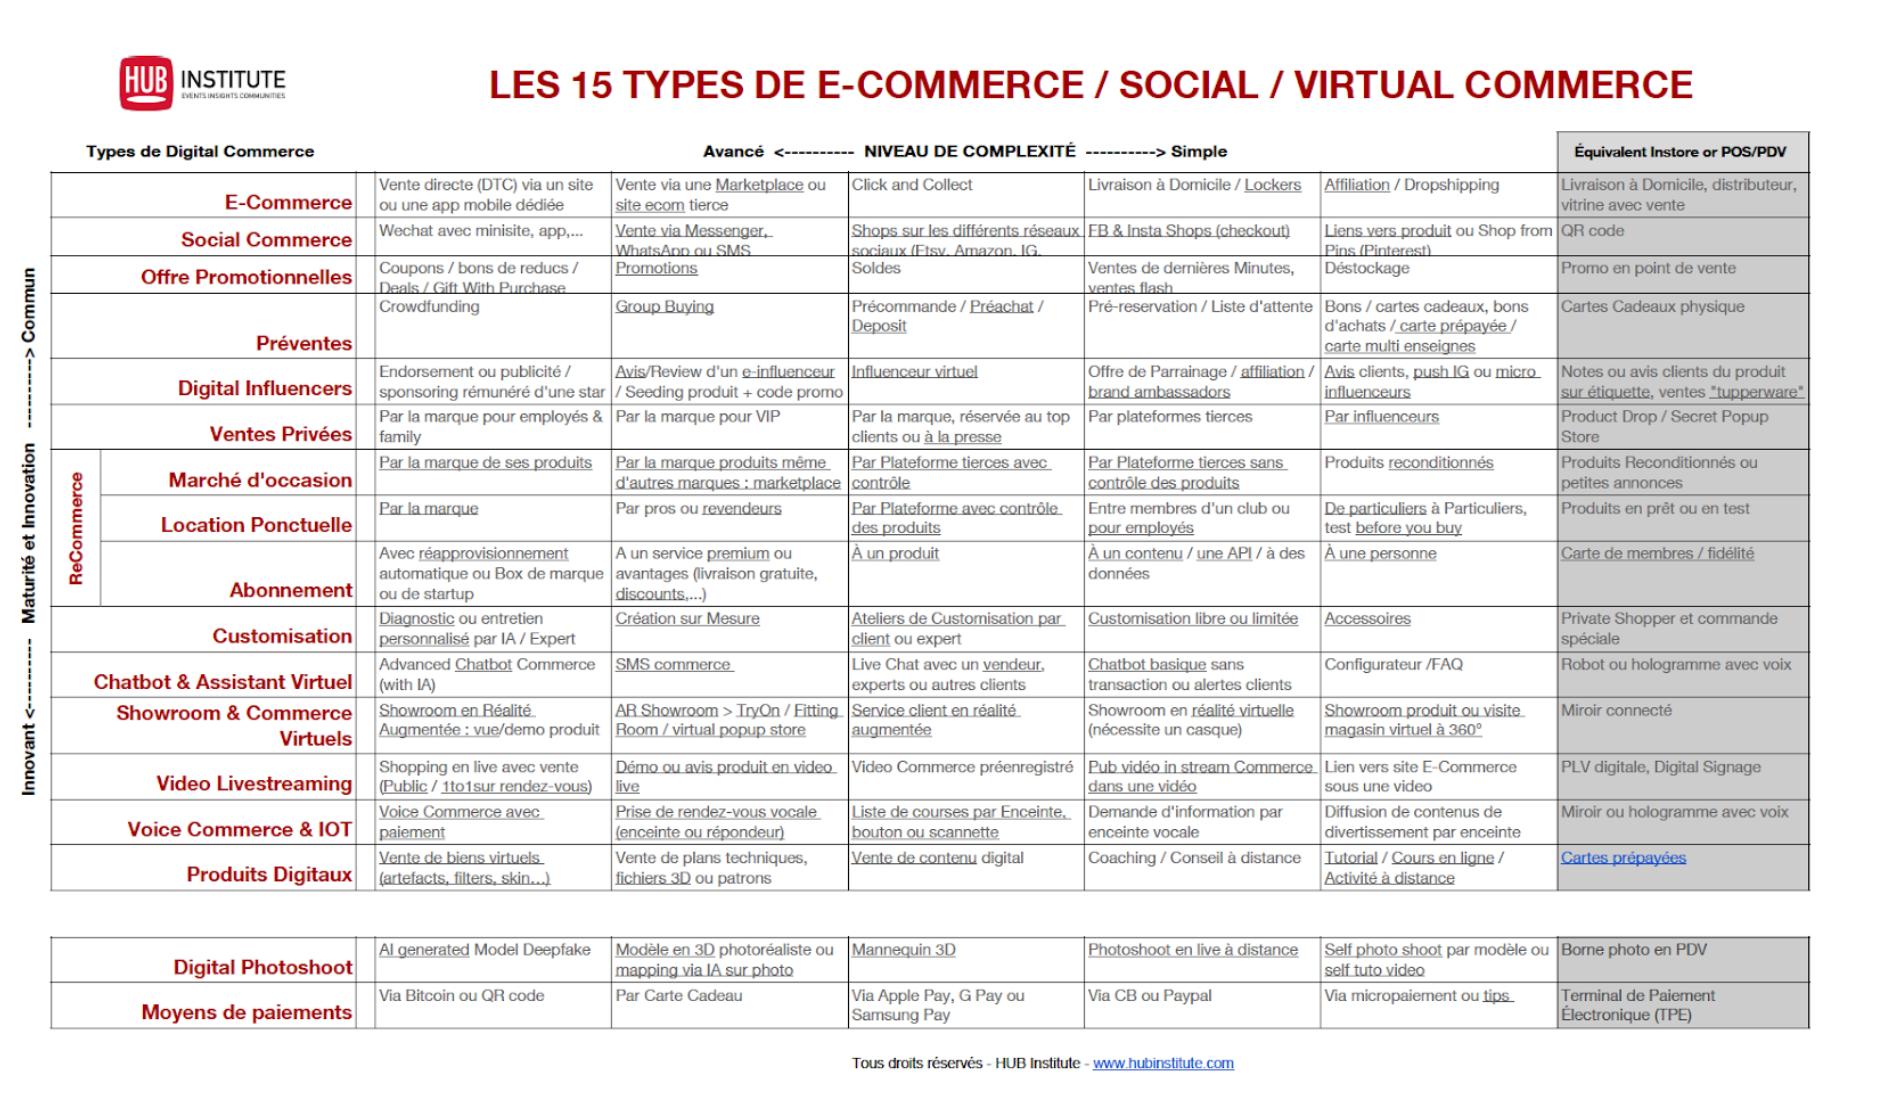 15 types de e-commerce tableau